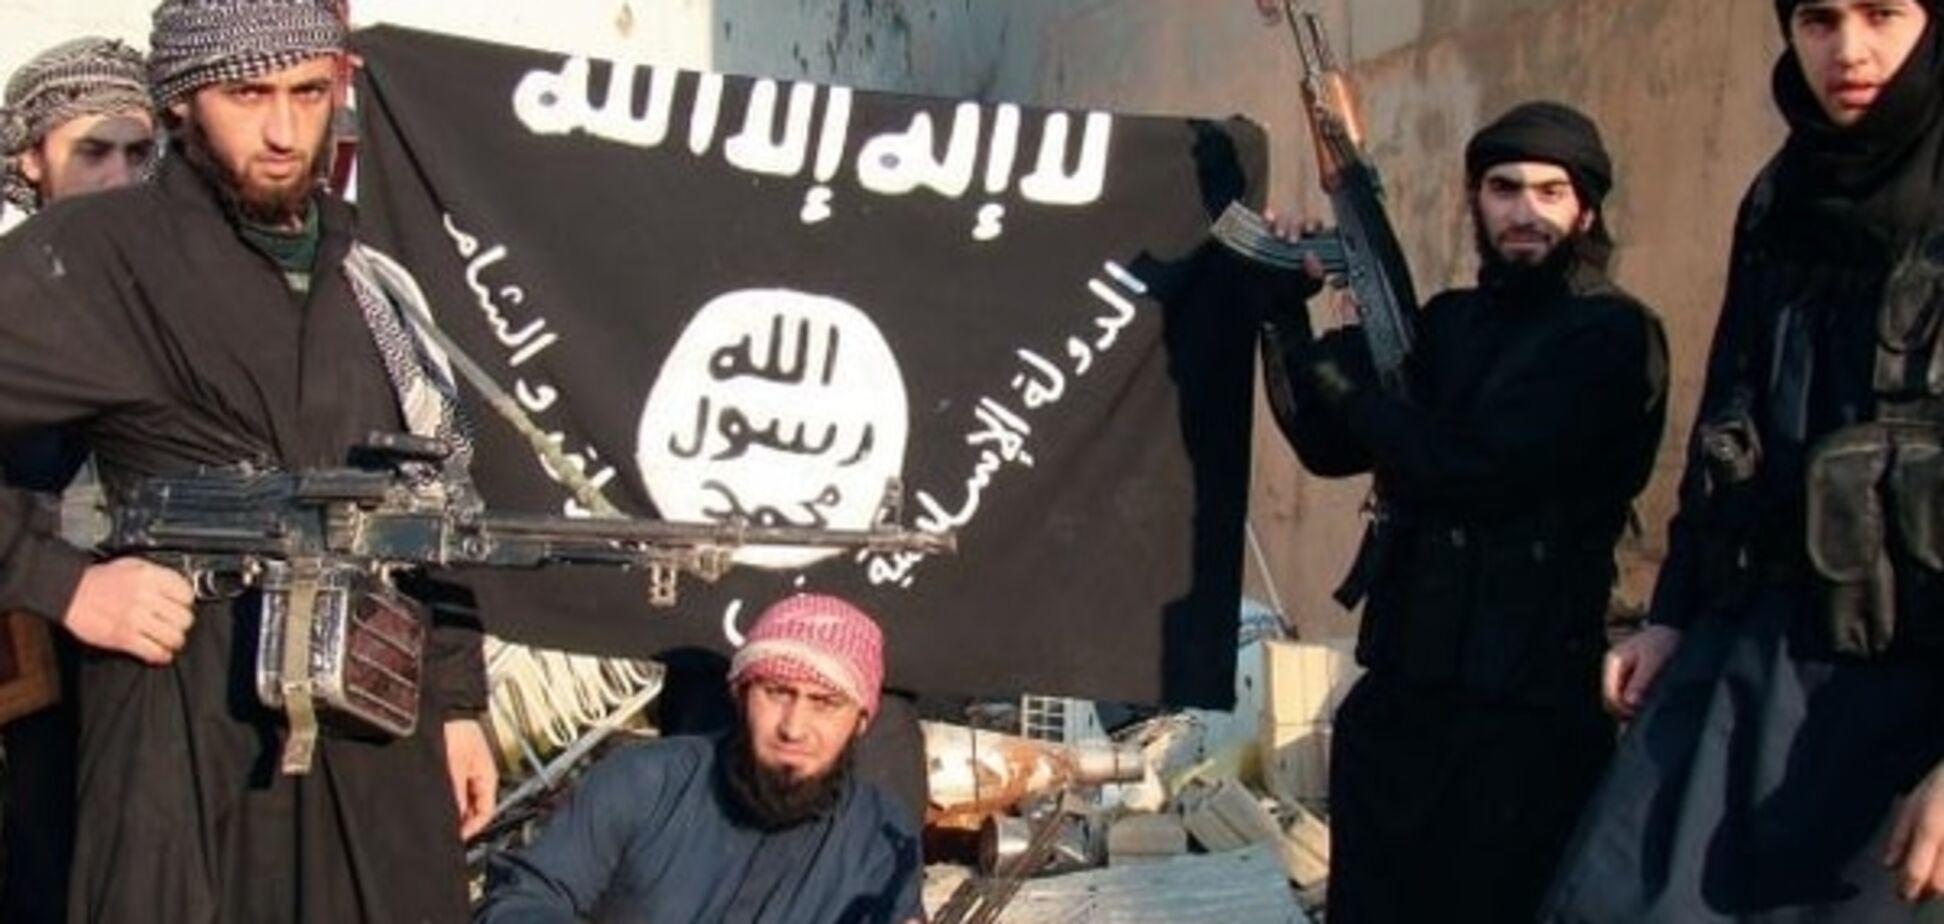 В воскресенье по всему миру: хакеры назвали слухами данные о терактах ИГИЛ